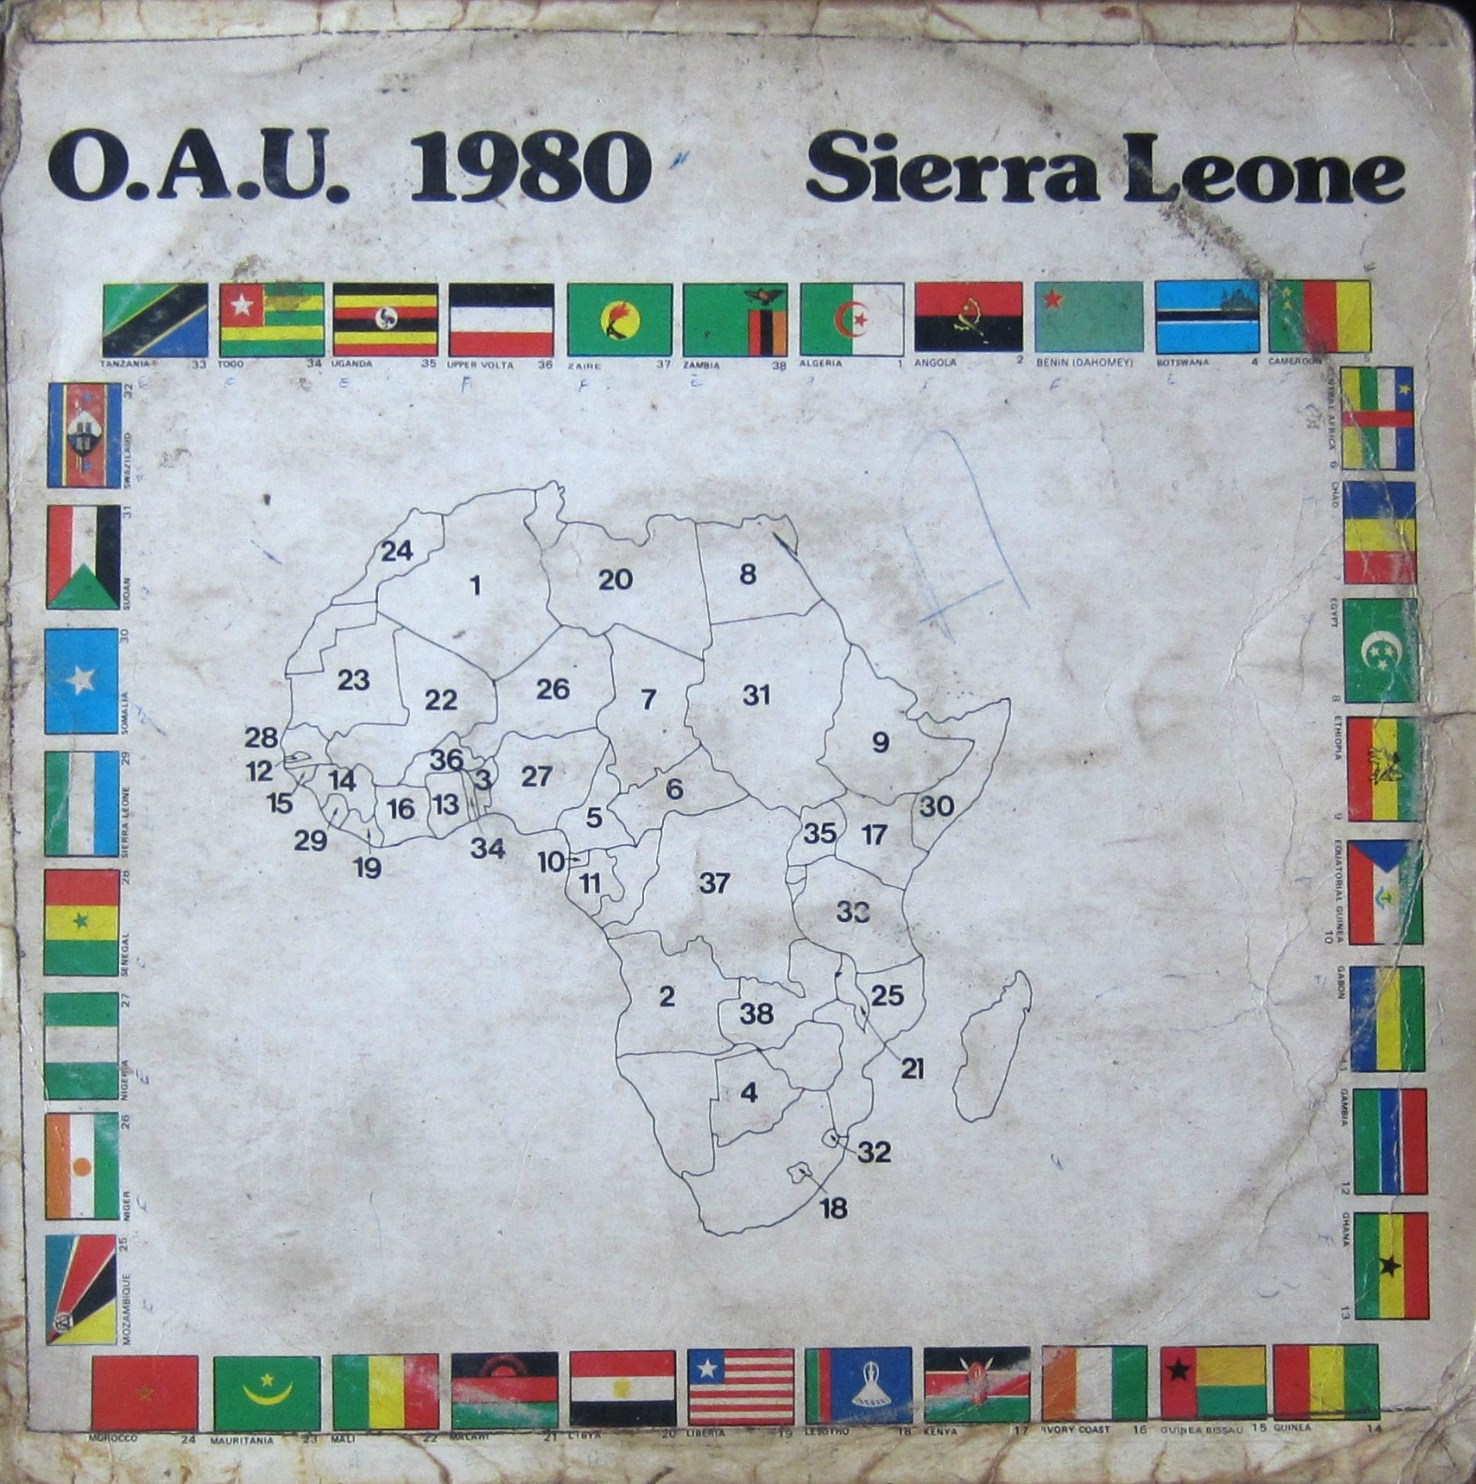 Big Fayia And The Sierra Leone Military Dance Band – O.A.U. 1980